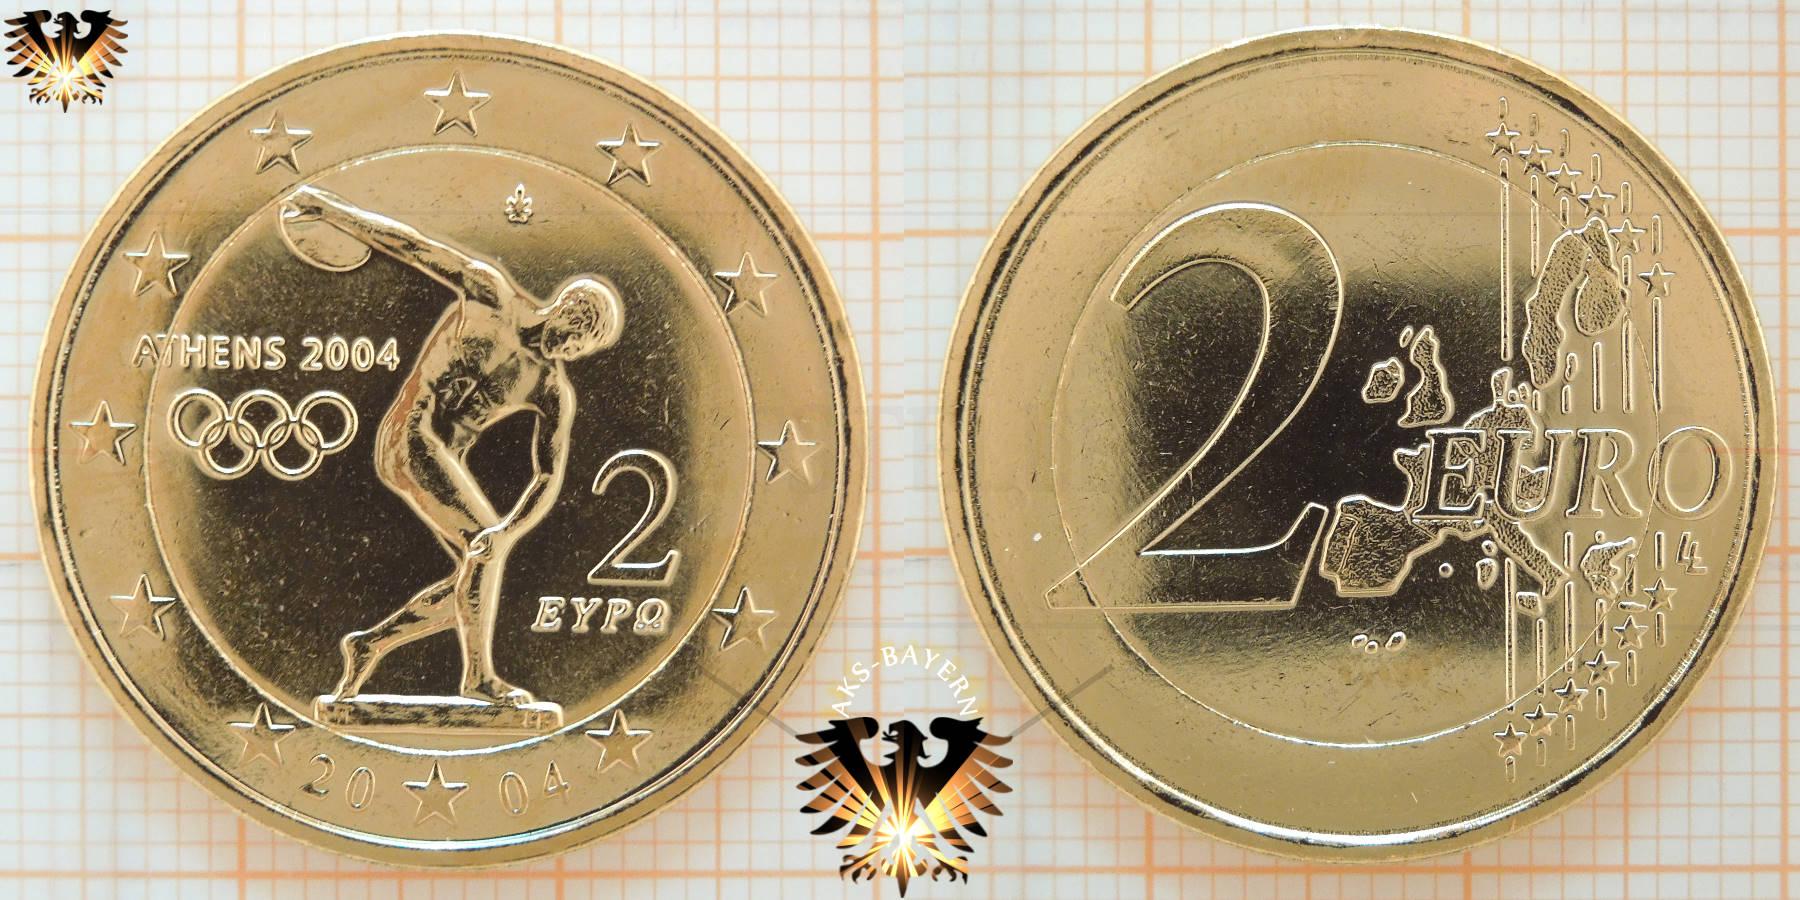 2 Euro Griechenland 2004 Sondermünze Athen Xxviii Olympische